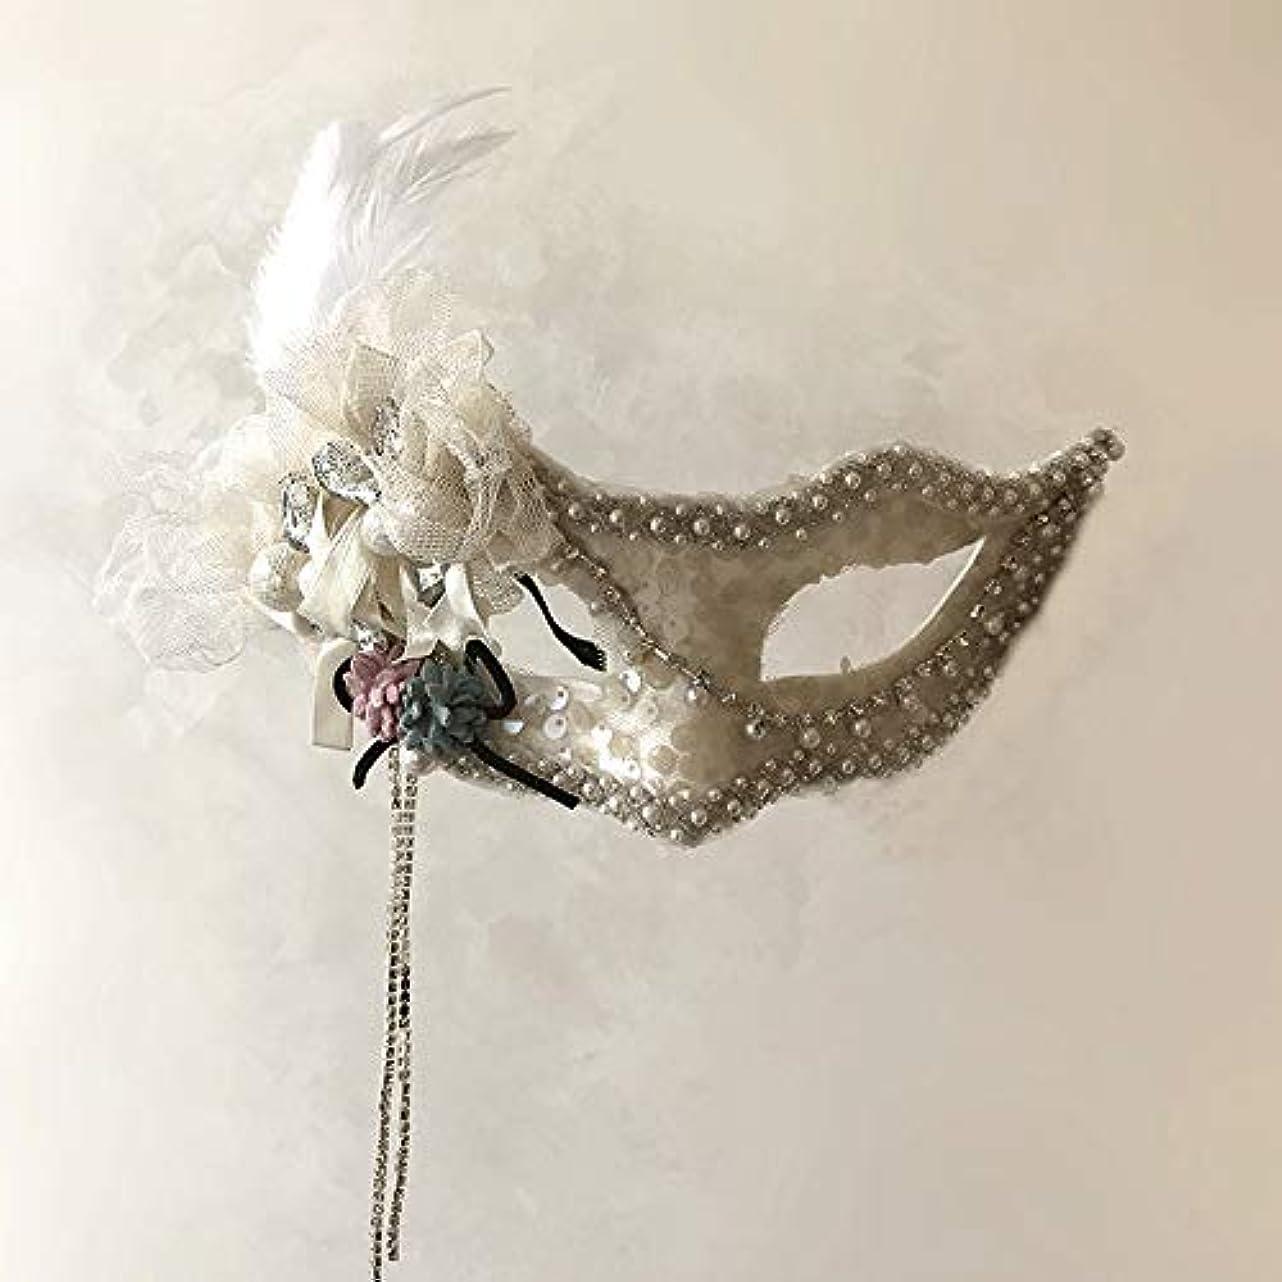 驚きブロックする弁護人Nanle ホワイトフェザーフラワーマスク仮装ボールアイマスクハロウィーンボールフリンジフェザーマスクパーティマスク女性レディセクシーマスク (色 : Style D)